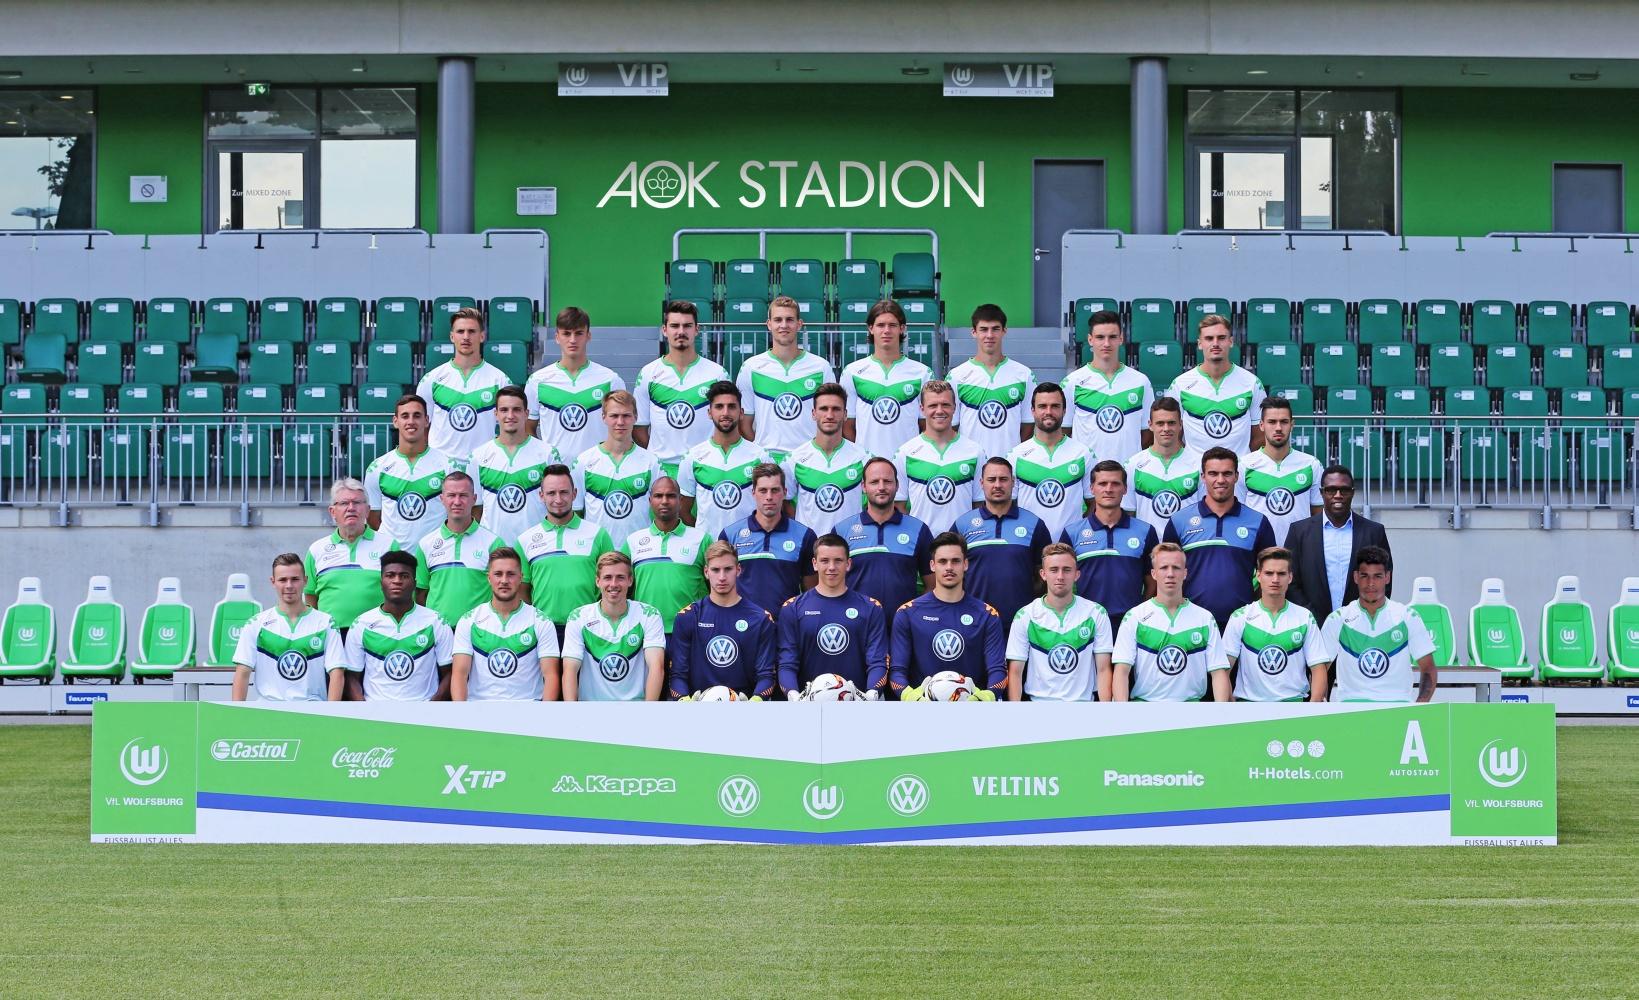 Die U23 Mannschaft der Saison 2015/16